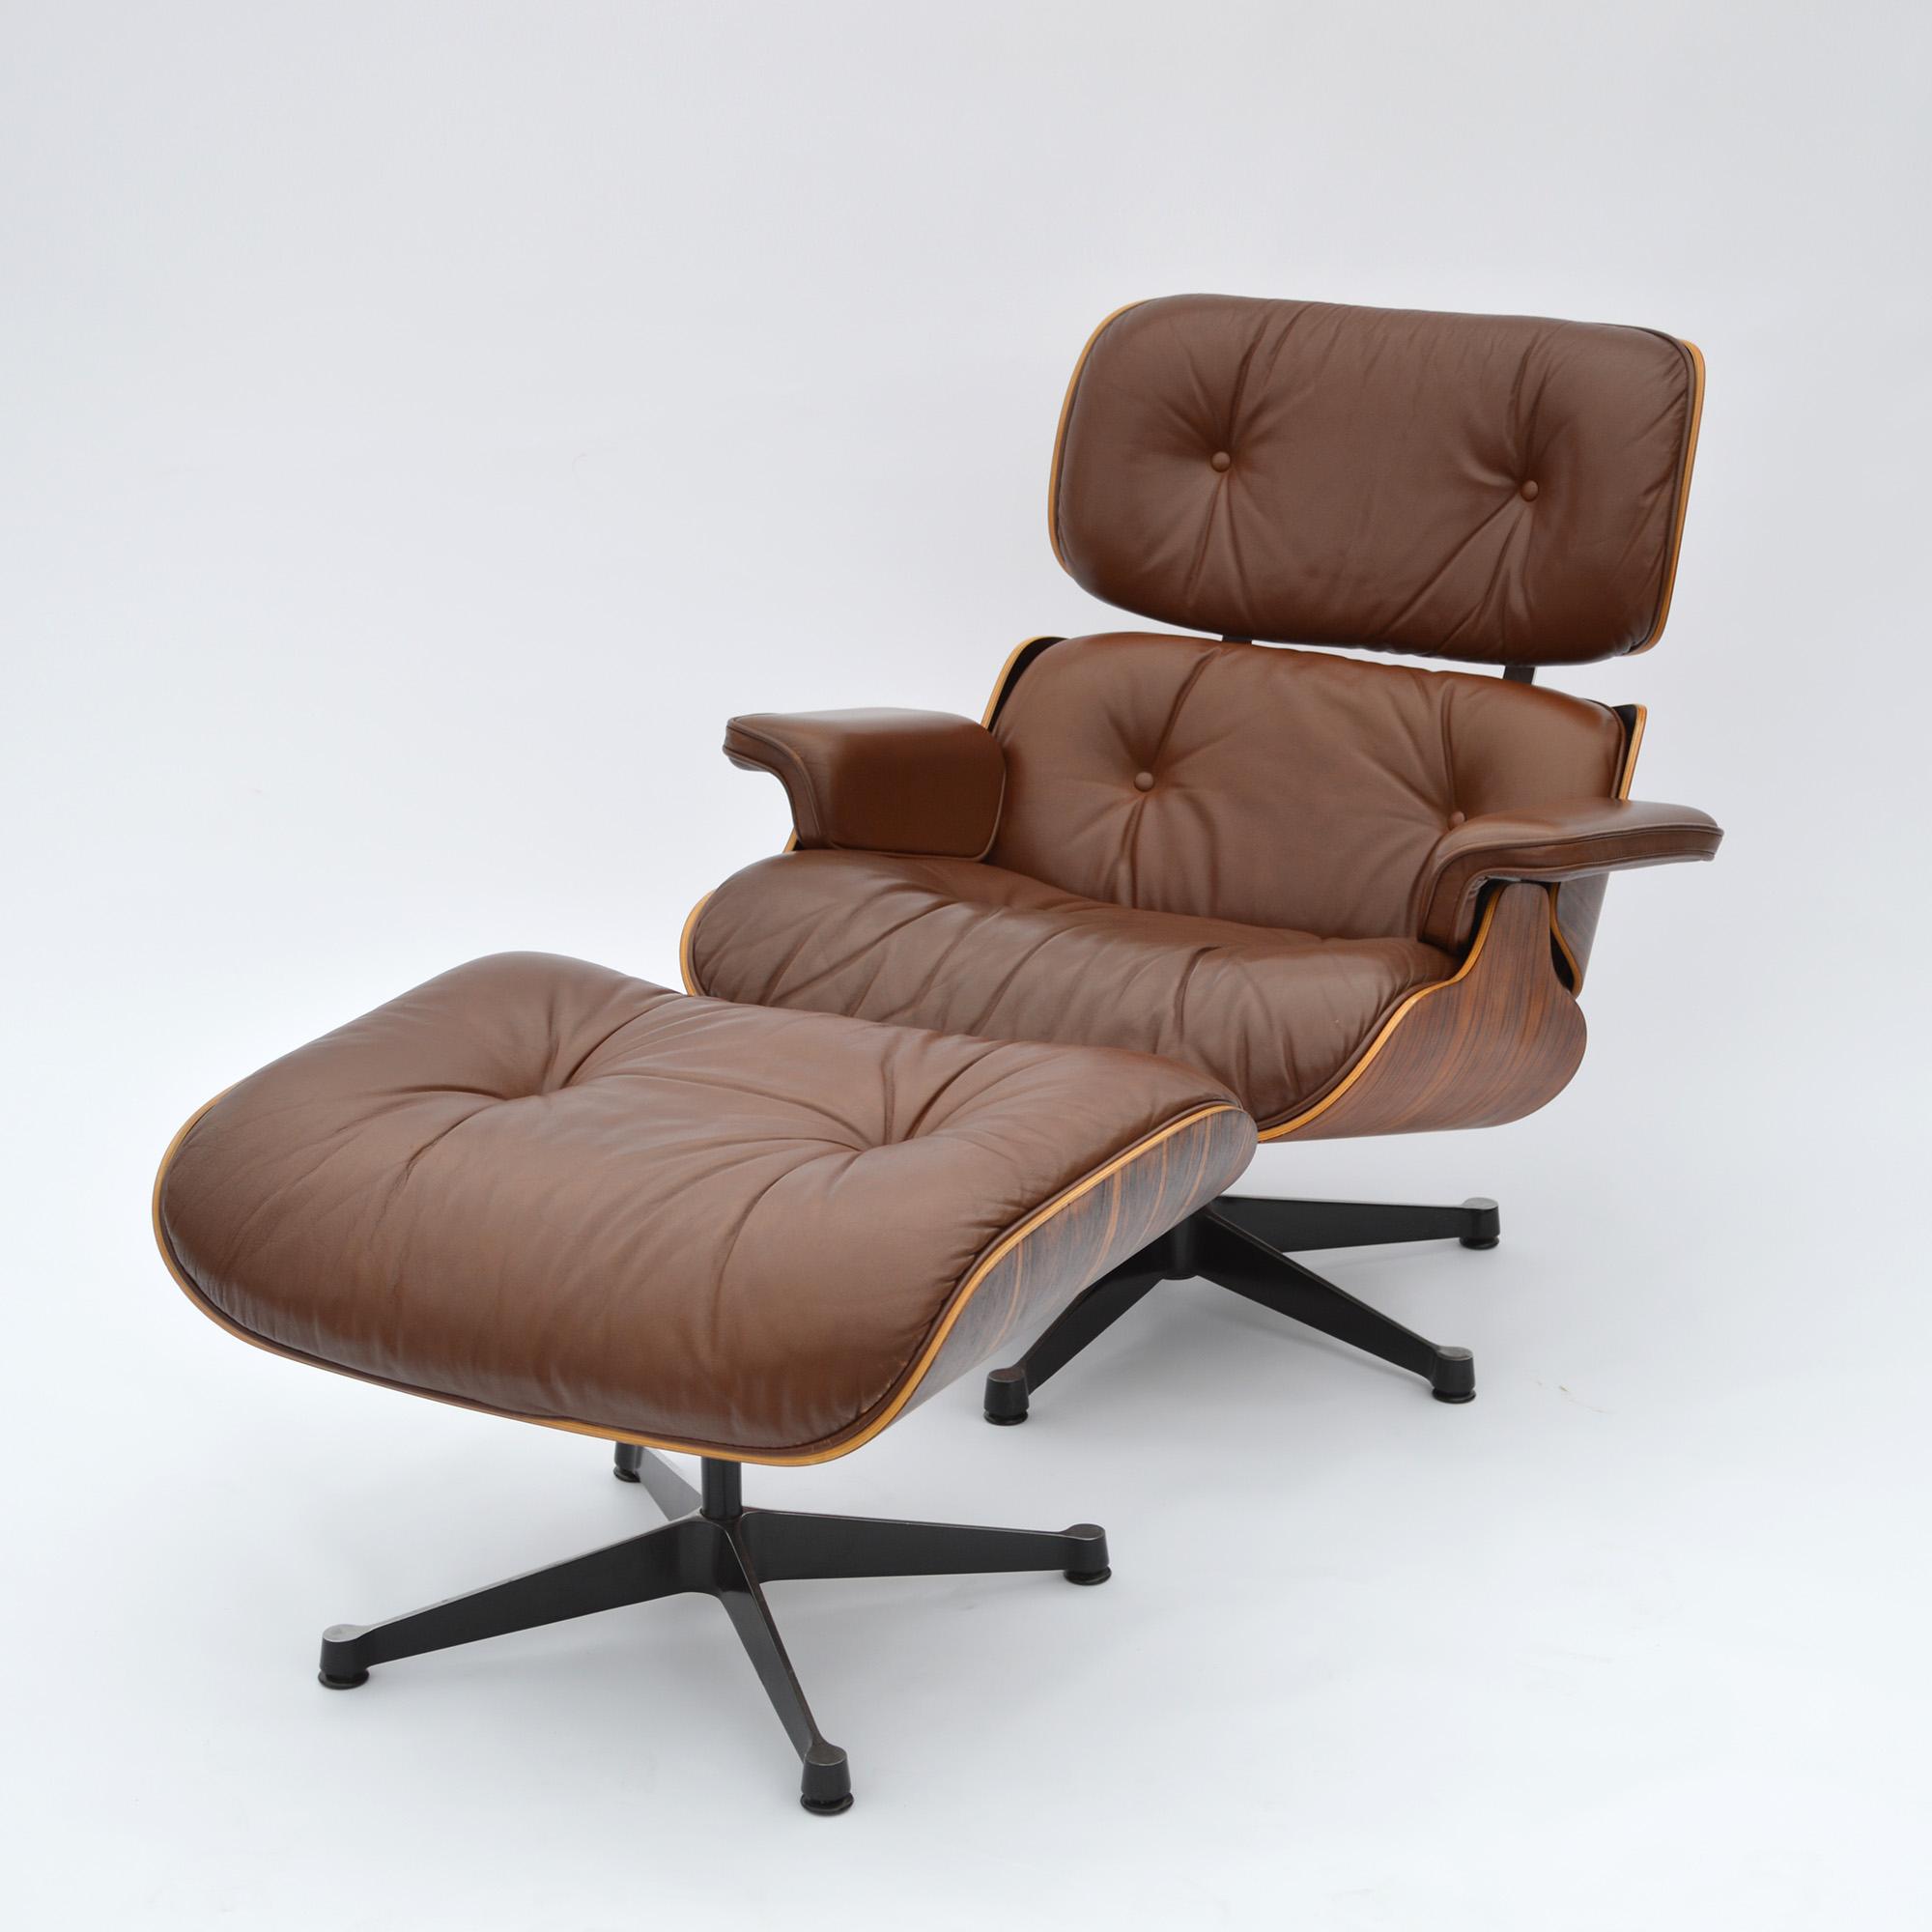 wo erhalte ich die polstereinheiten f r den eames lounge. Black Bedroom Furniture Sets. Home Design Ideas